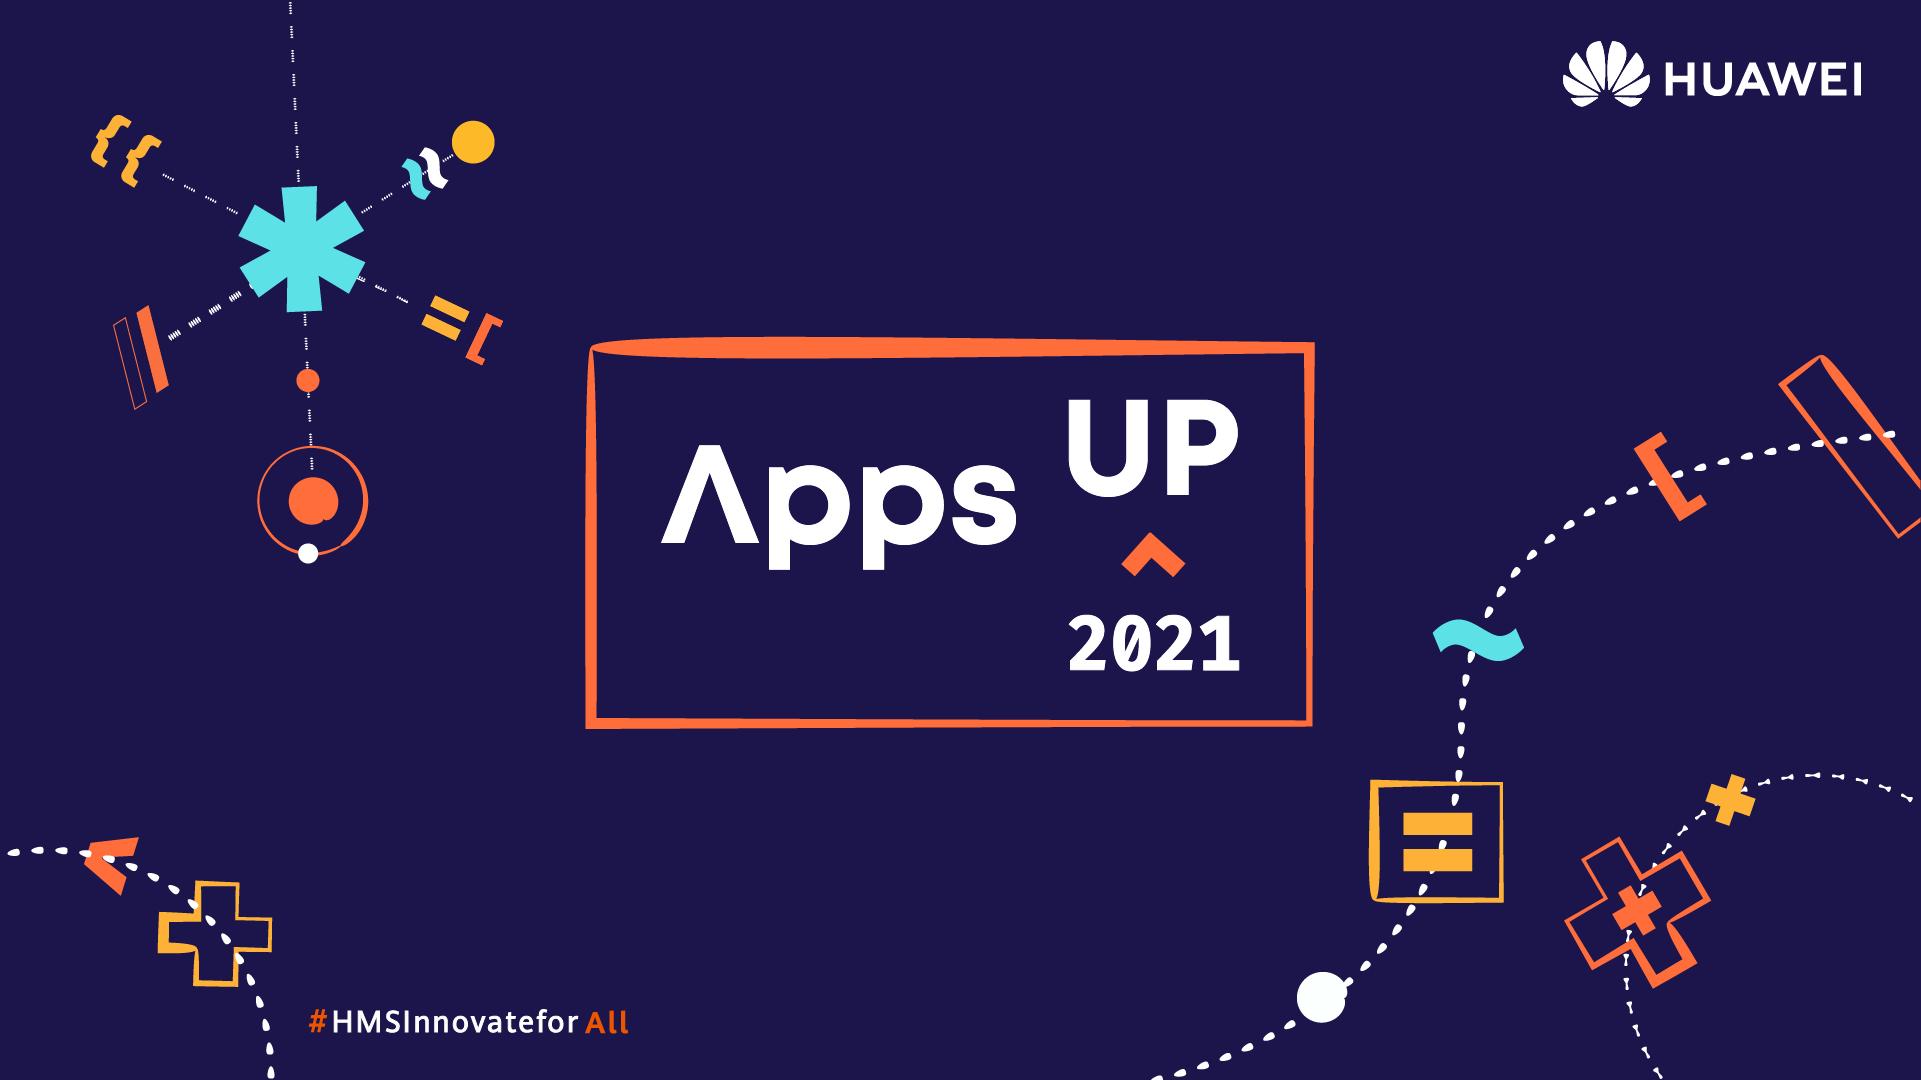 """Huawei lansează competiția """"AppsUP 2021"""", destinată aplicațiilor inovatoare"""